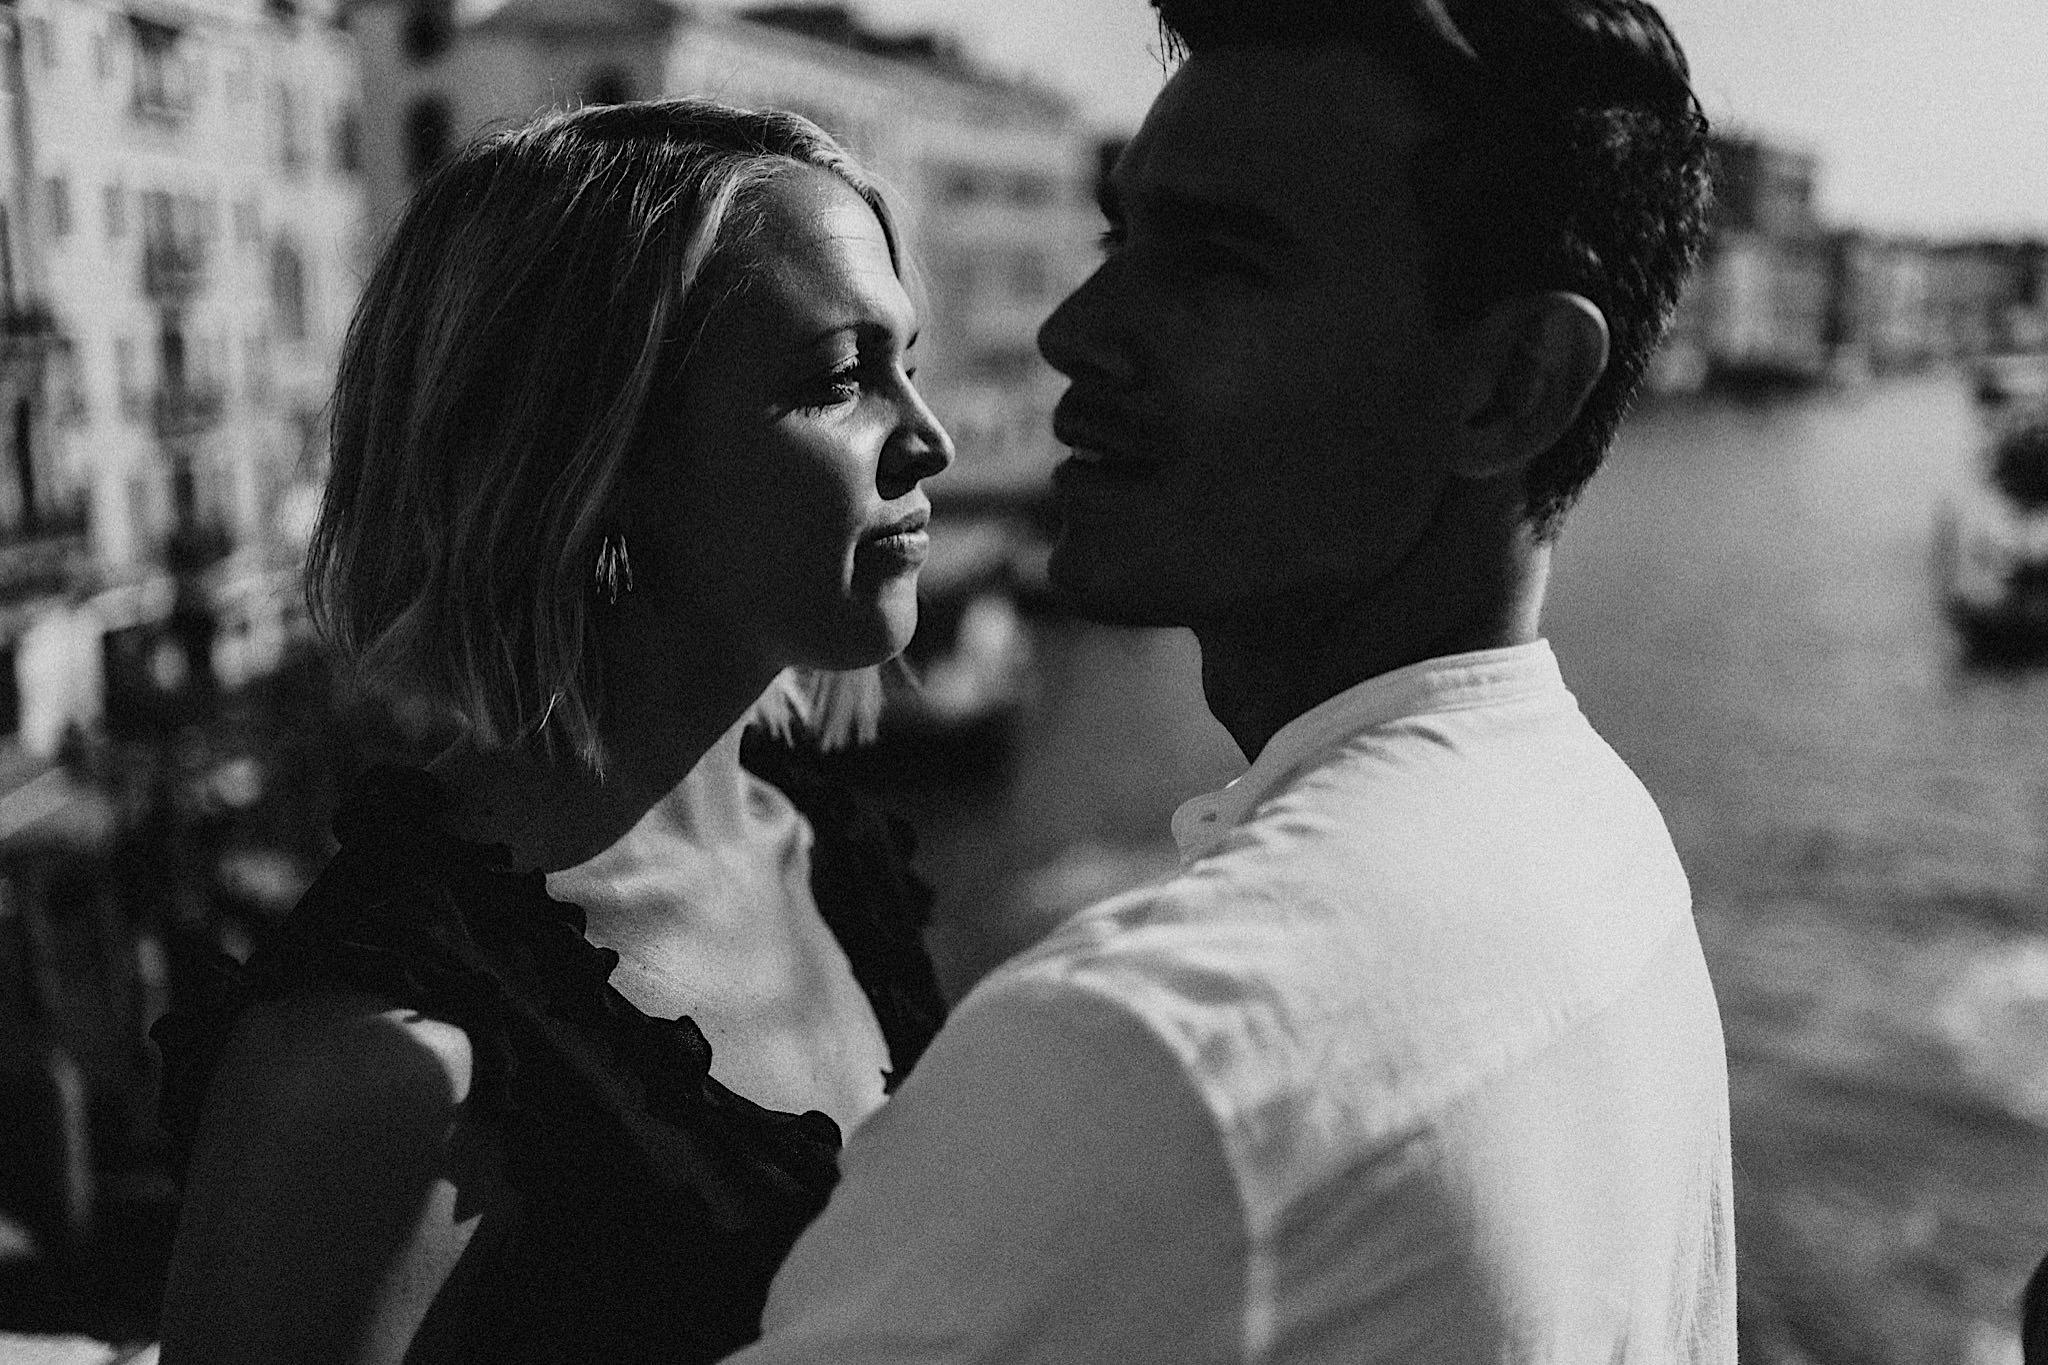 07_venezia_tramonto_matrimonio_proposta